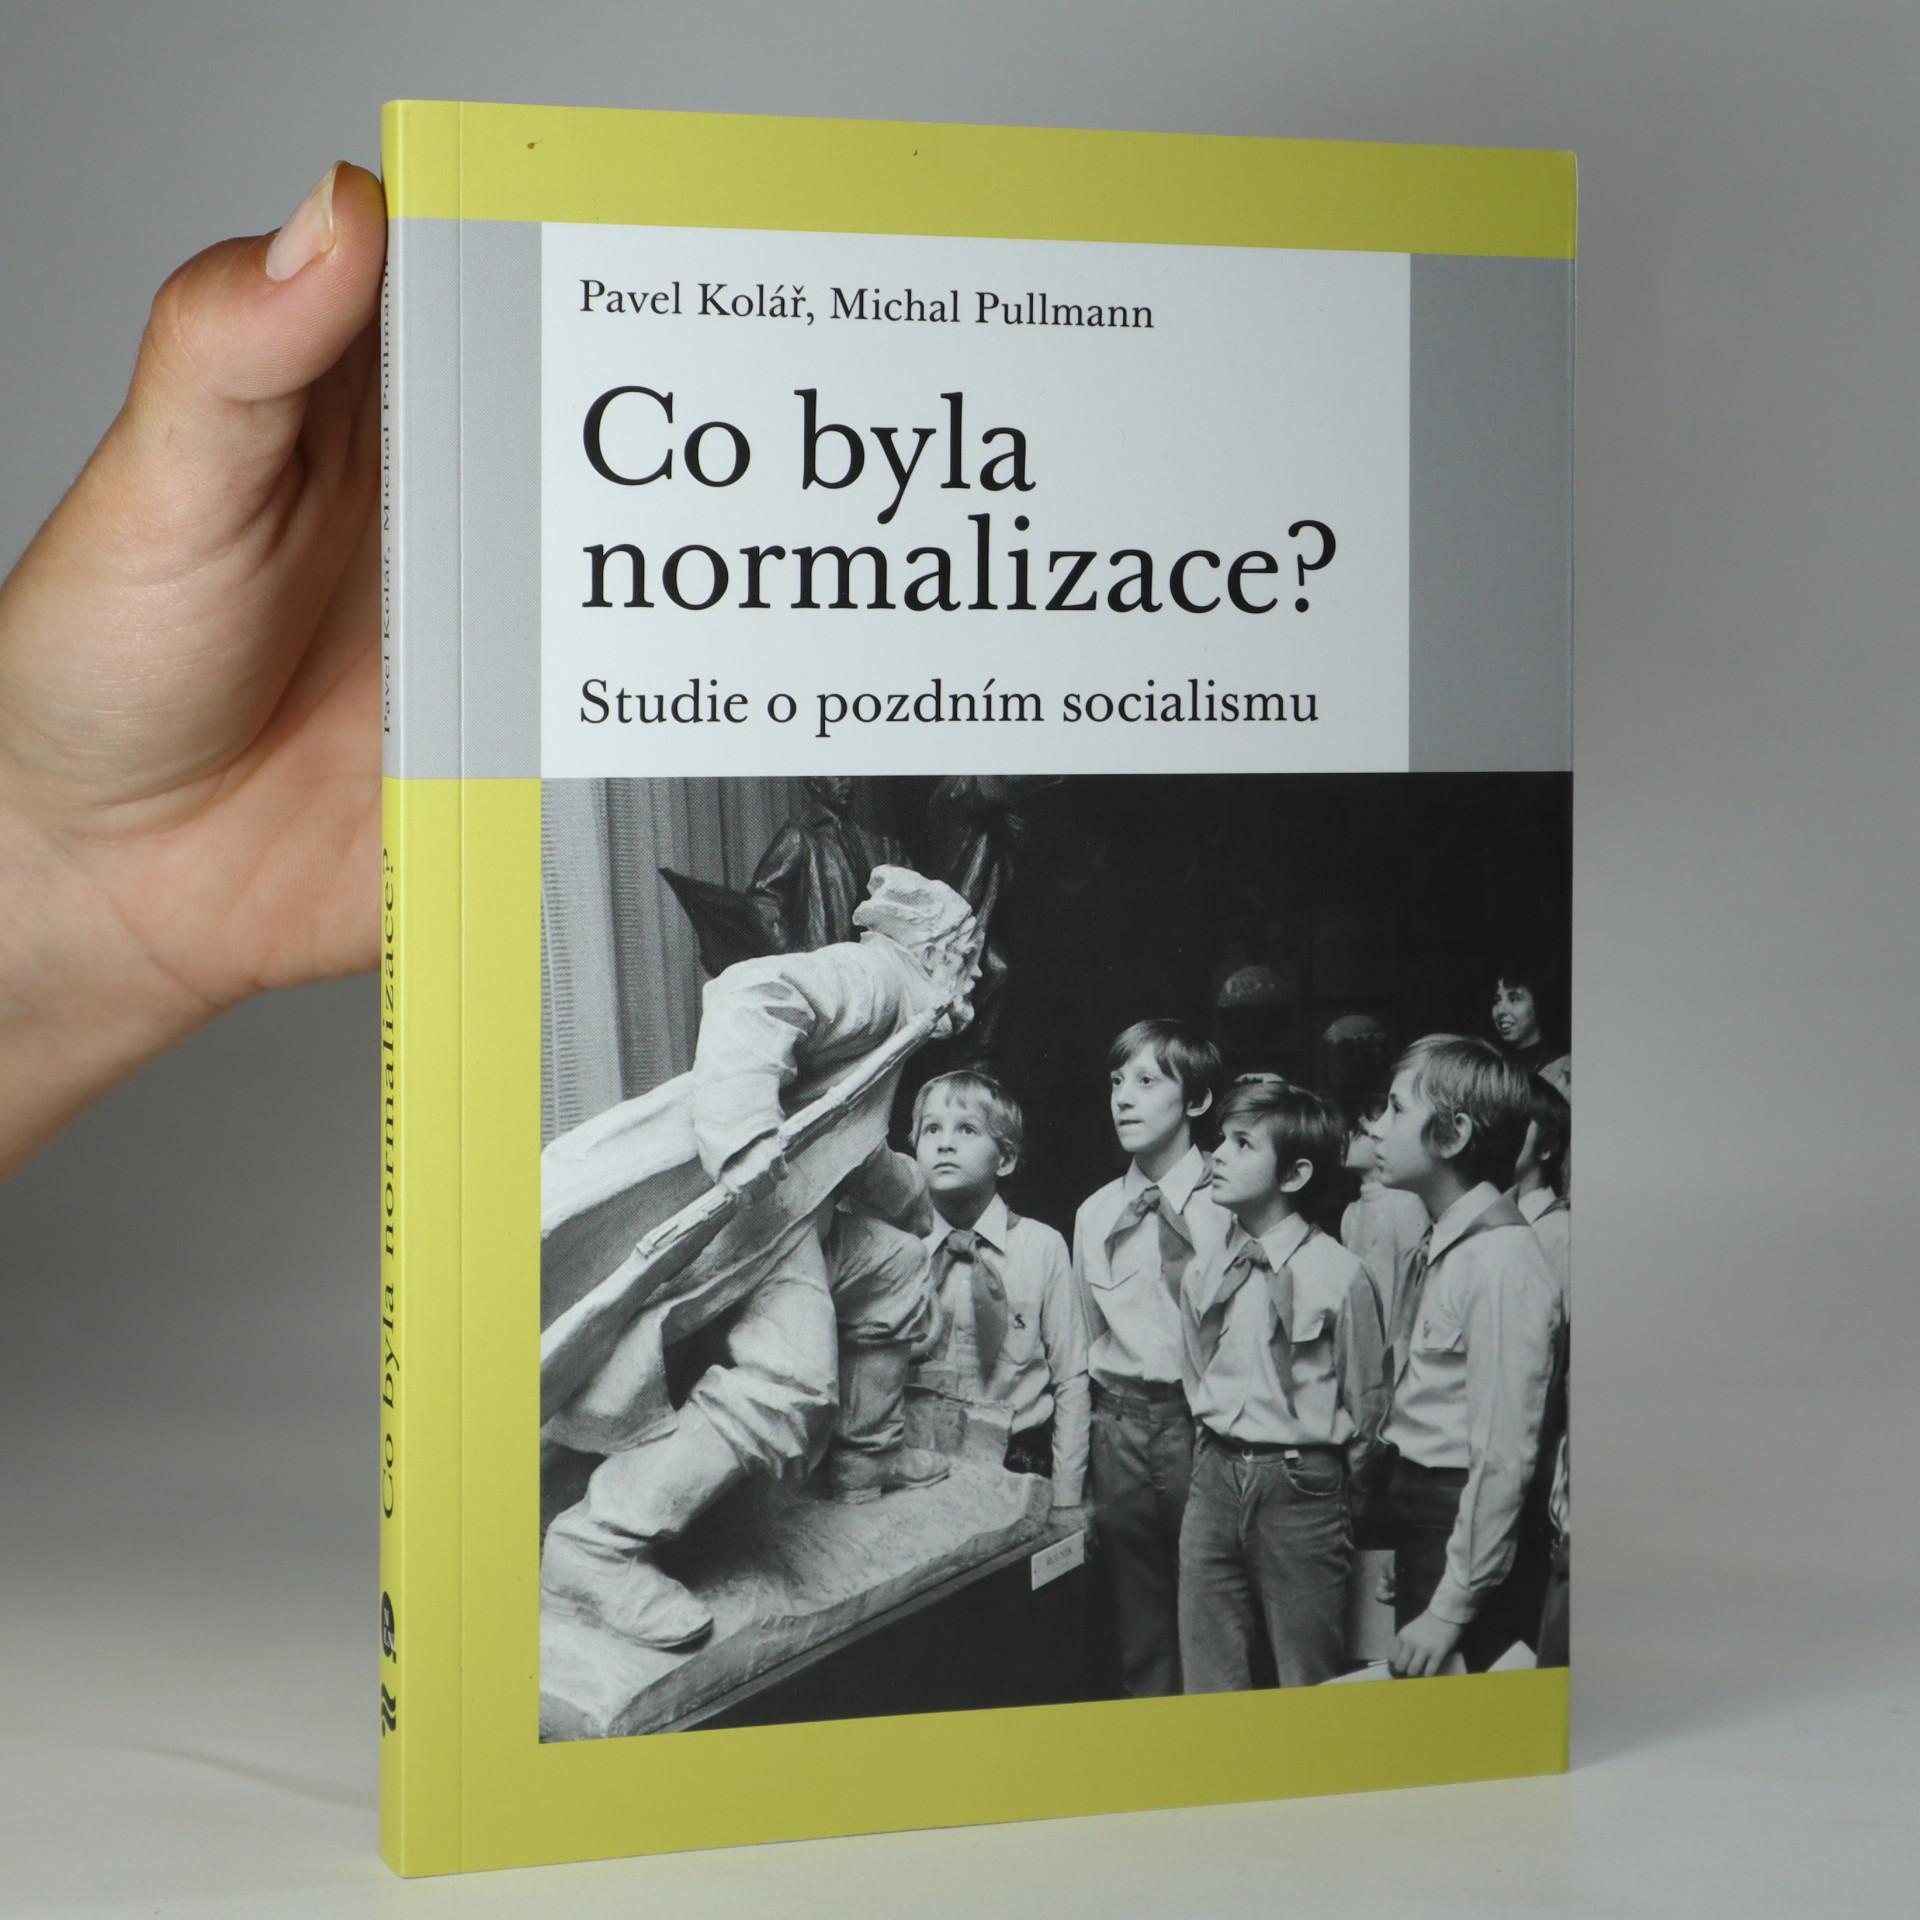 antikvární kniha Co byla normalizace? Studie o pozdním socialismu, 2016